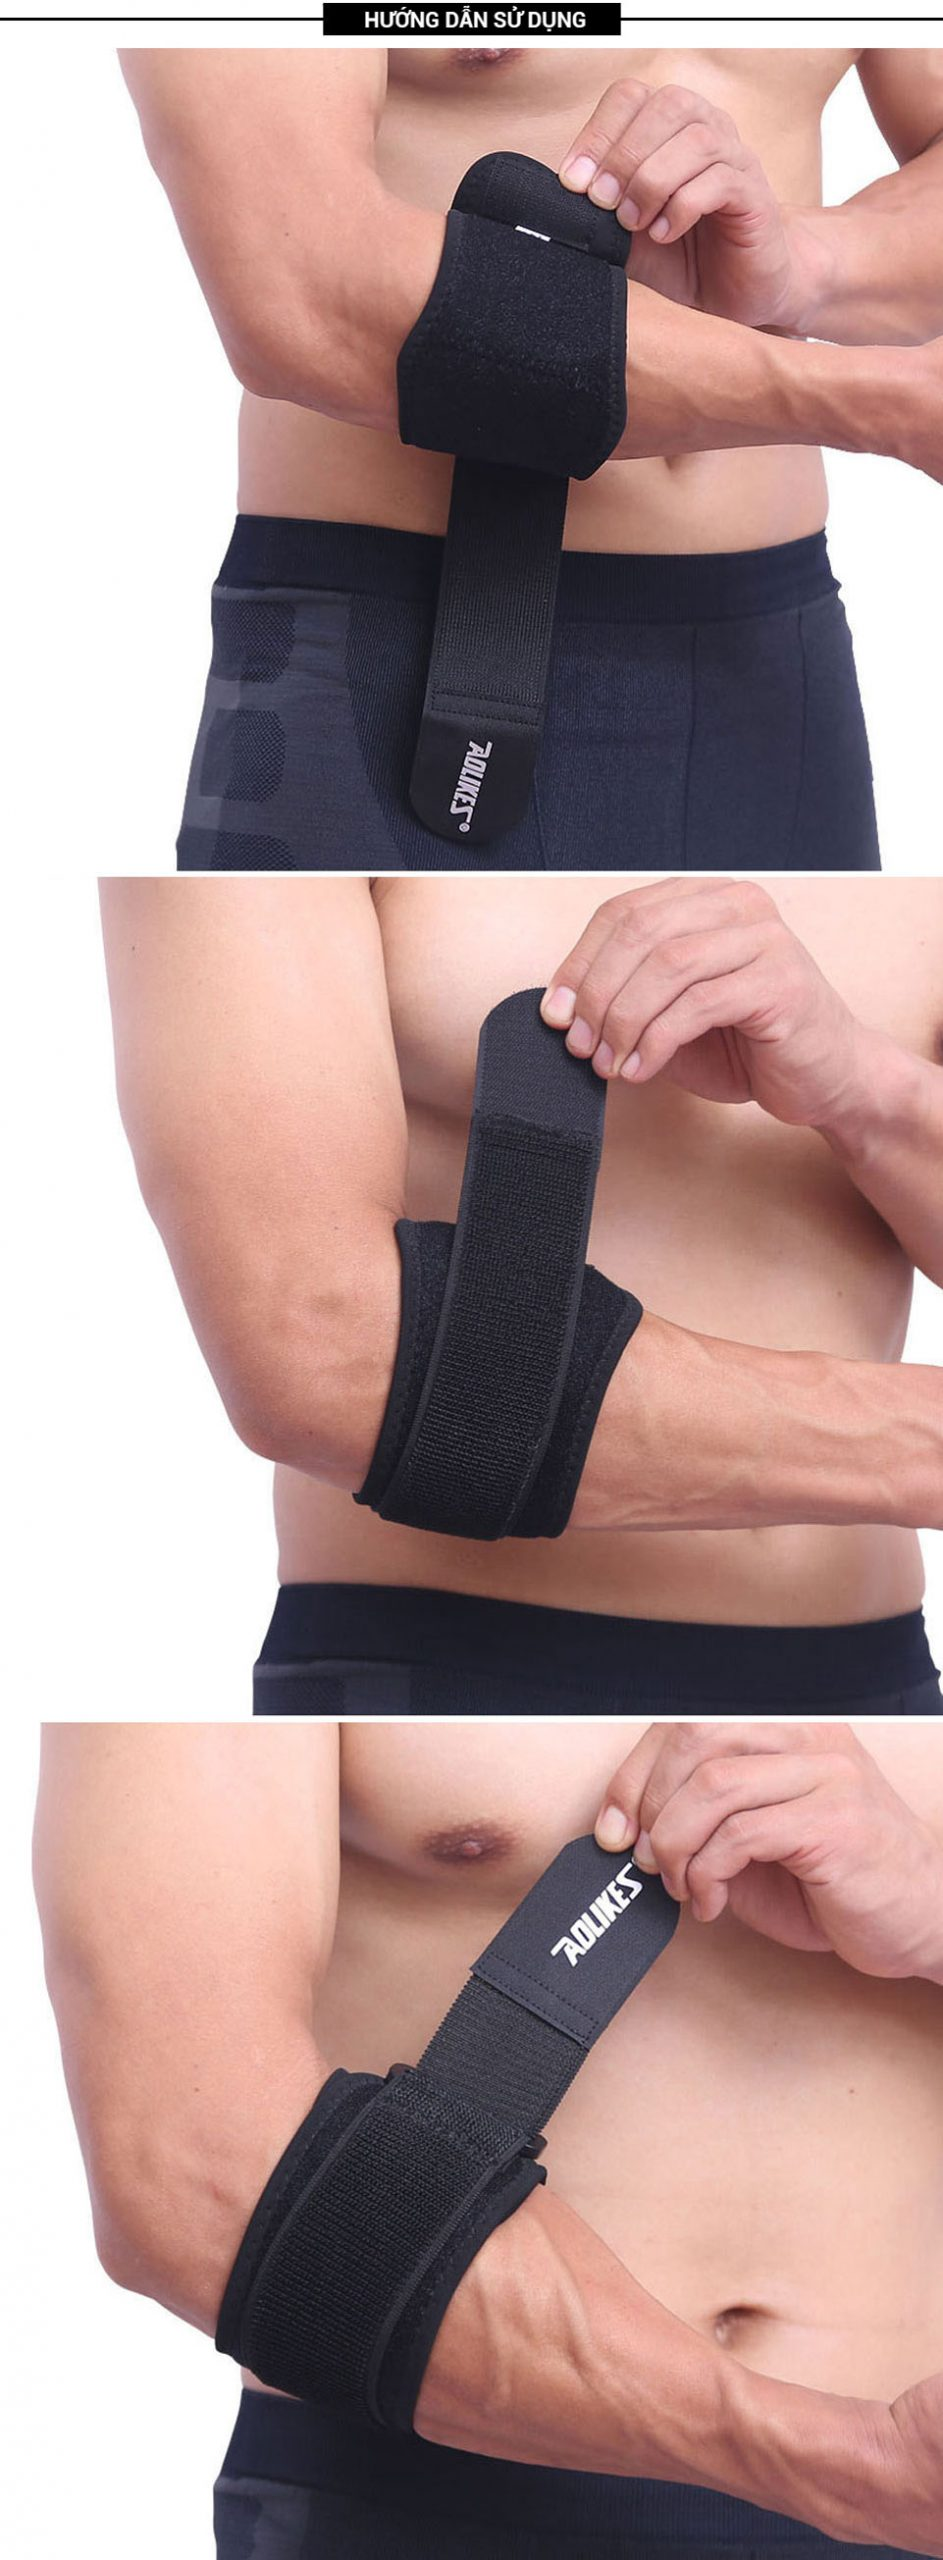 Hướng dẫn sử dụng đai bảo vệ khuỷu tay Aolikes AL7947